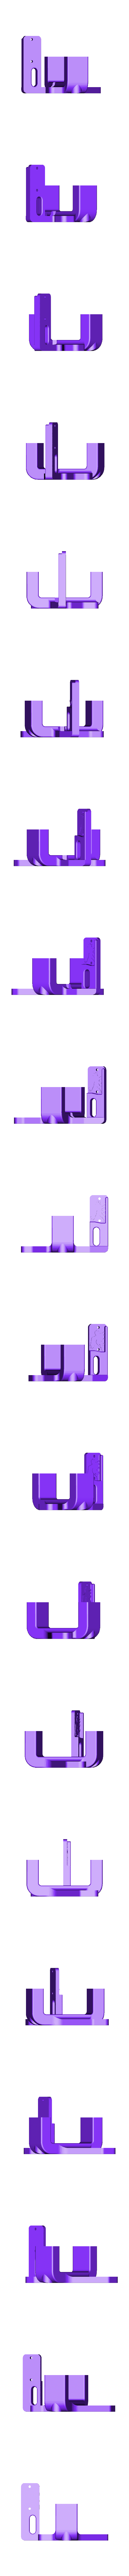 Clamp_No_Chain.STL Télécharger fichier STL gratuit Un support d'extrudeuse Stock-ish pour Anet A8 et Alike ! (Inclut la chaîne et la monture ou sans chaîne !) • Objet pour impression 3D, MorganLowe